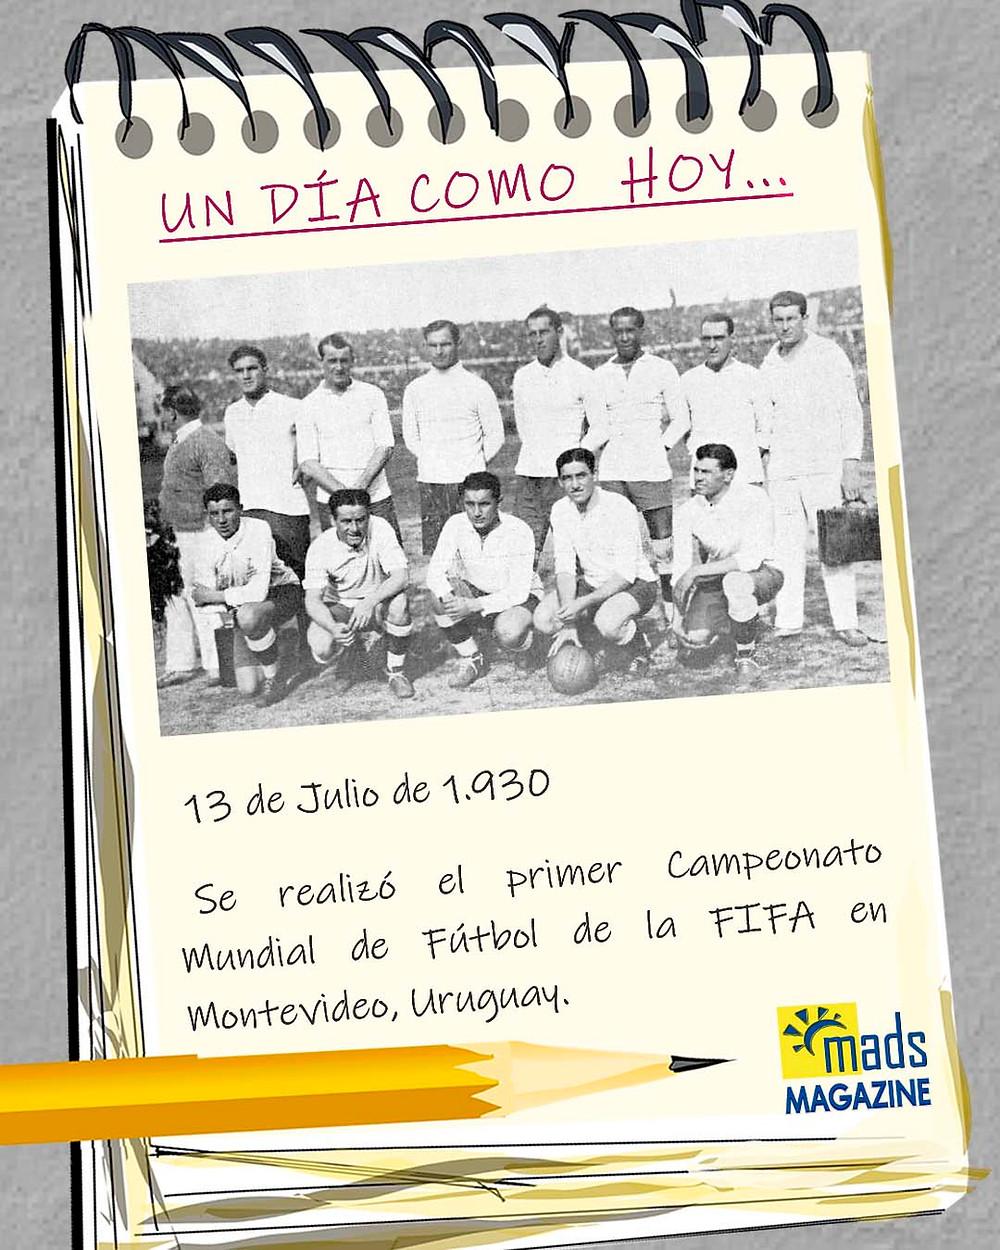 El 13 de julio de 1930 se celebró la final del primer campeonato de fútbol de la FIFA